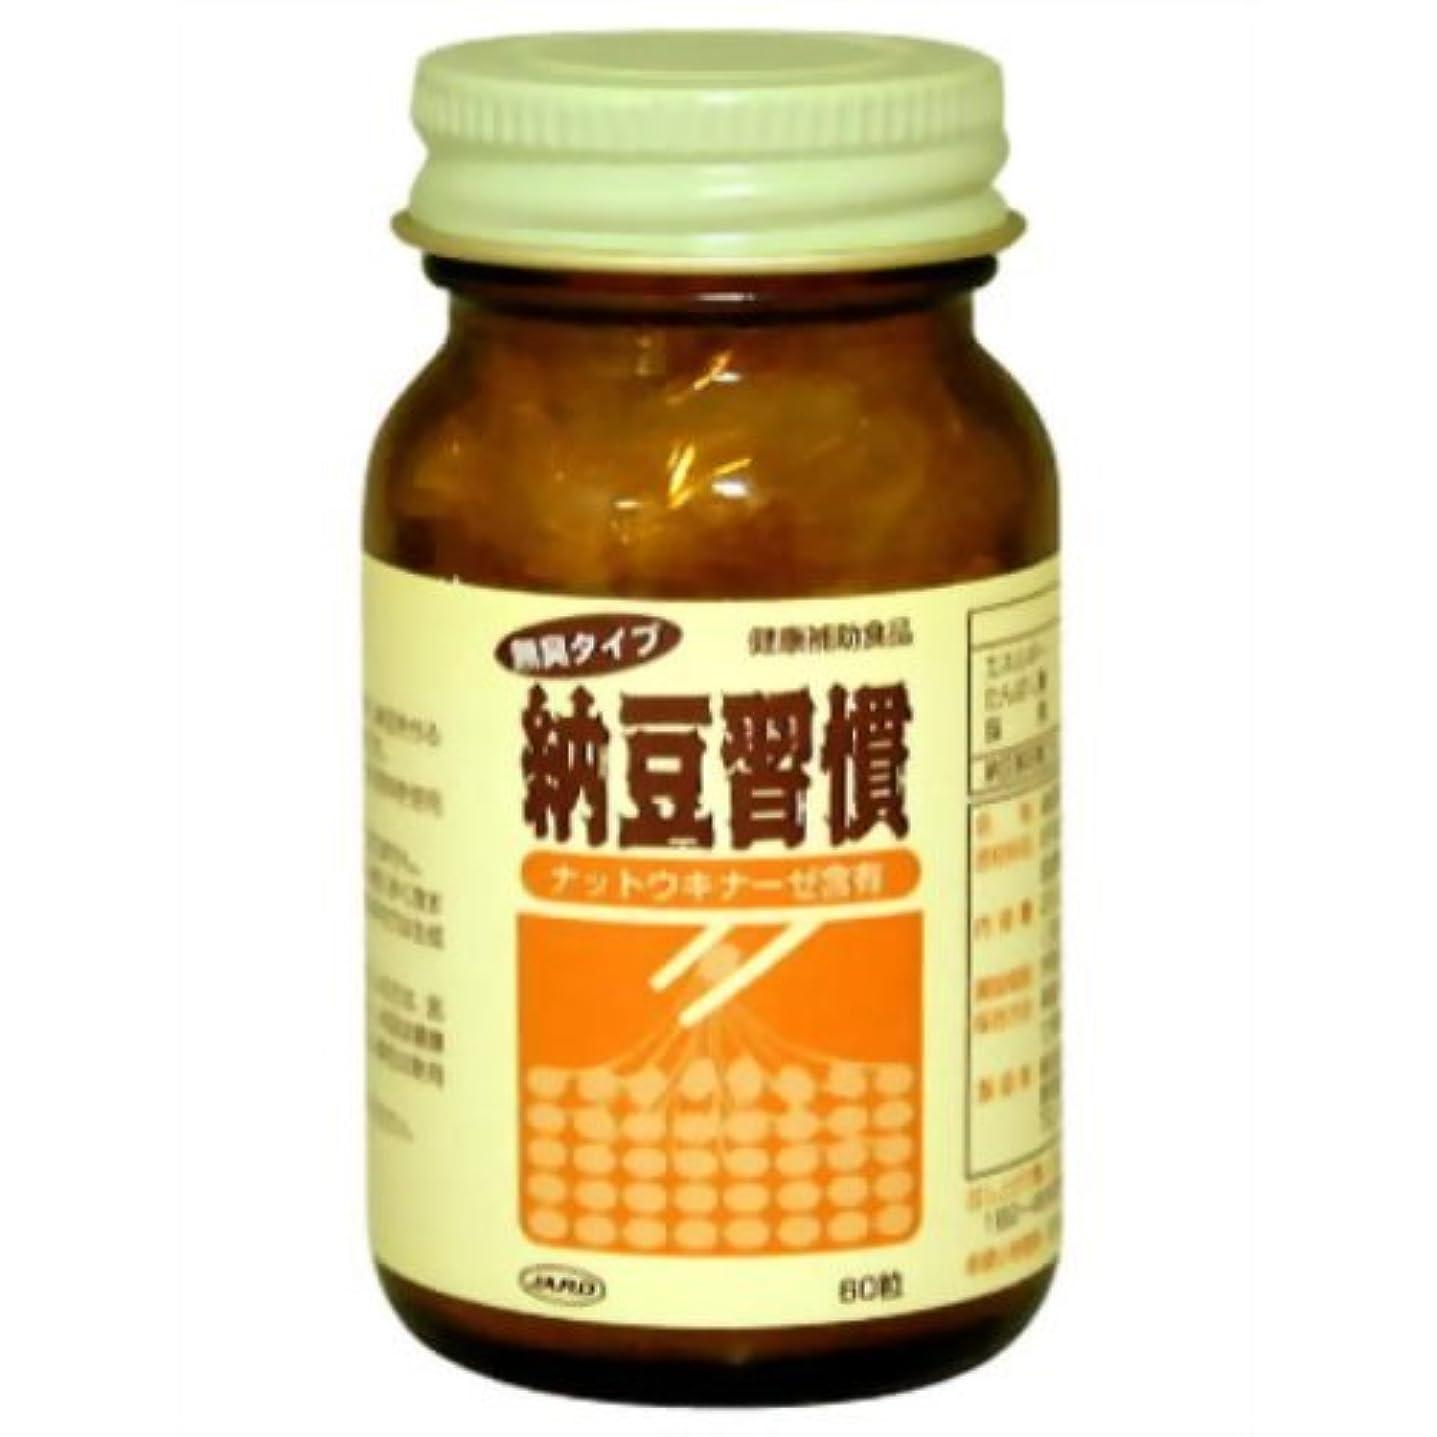 吸収剤スモッグベイビー納豆習慣 ナットウキナーゼ含有